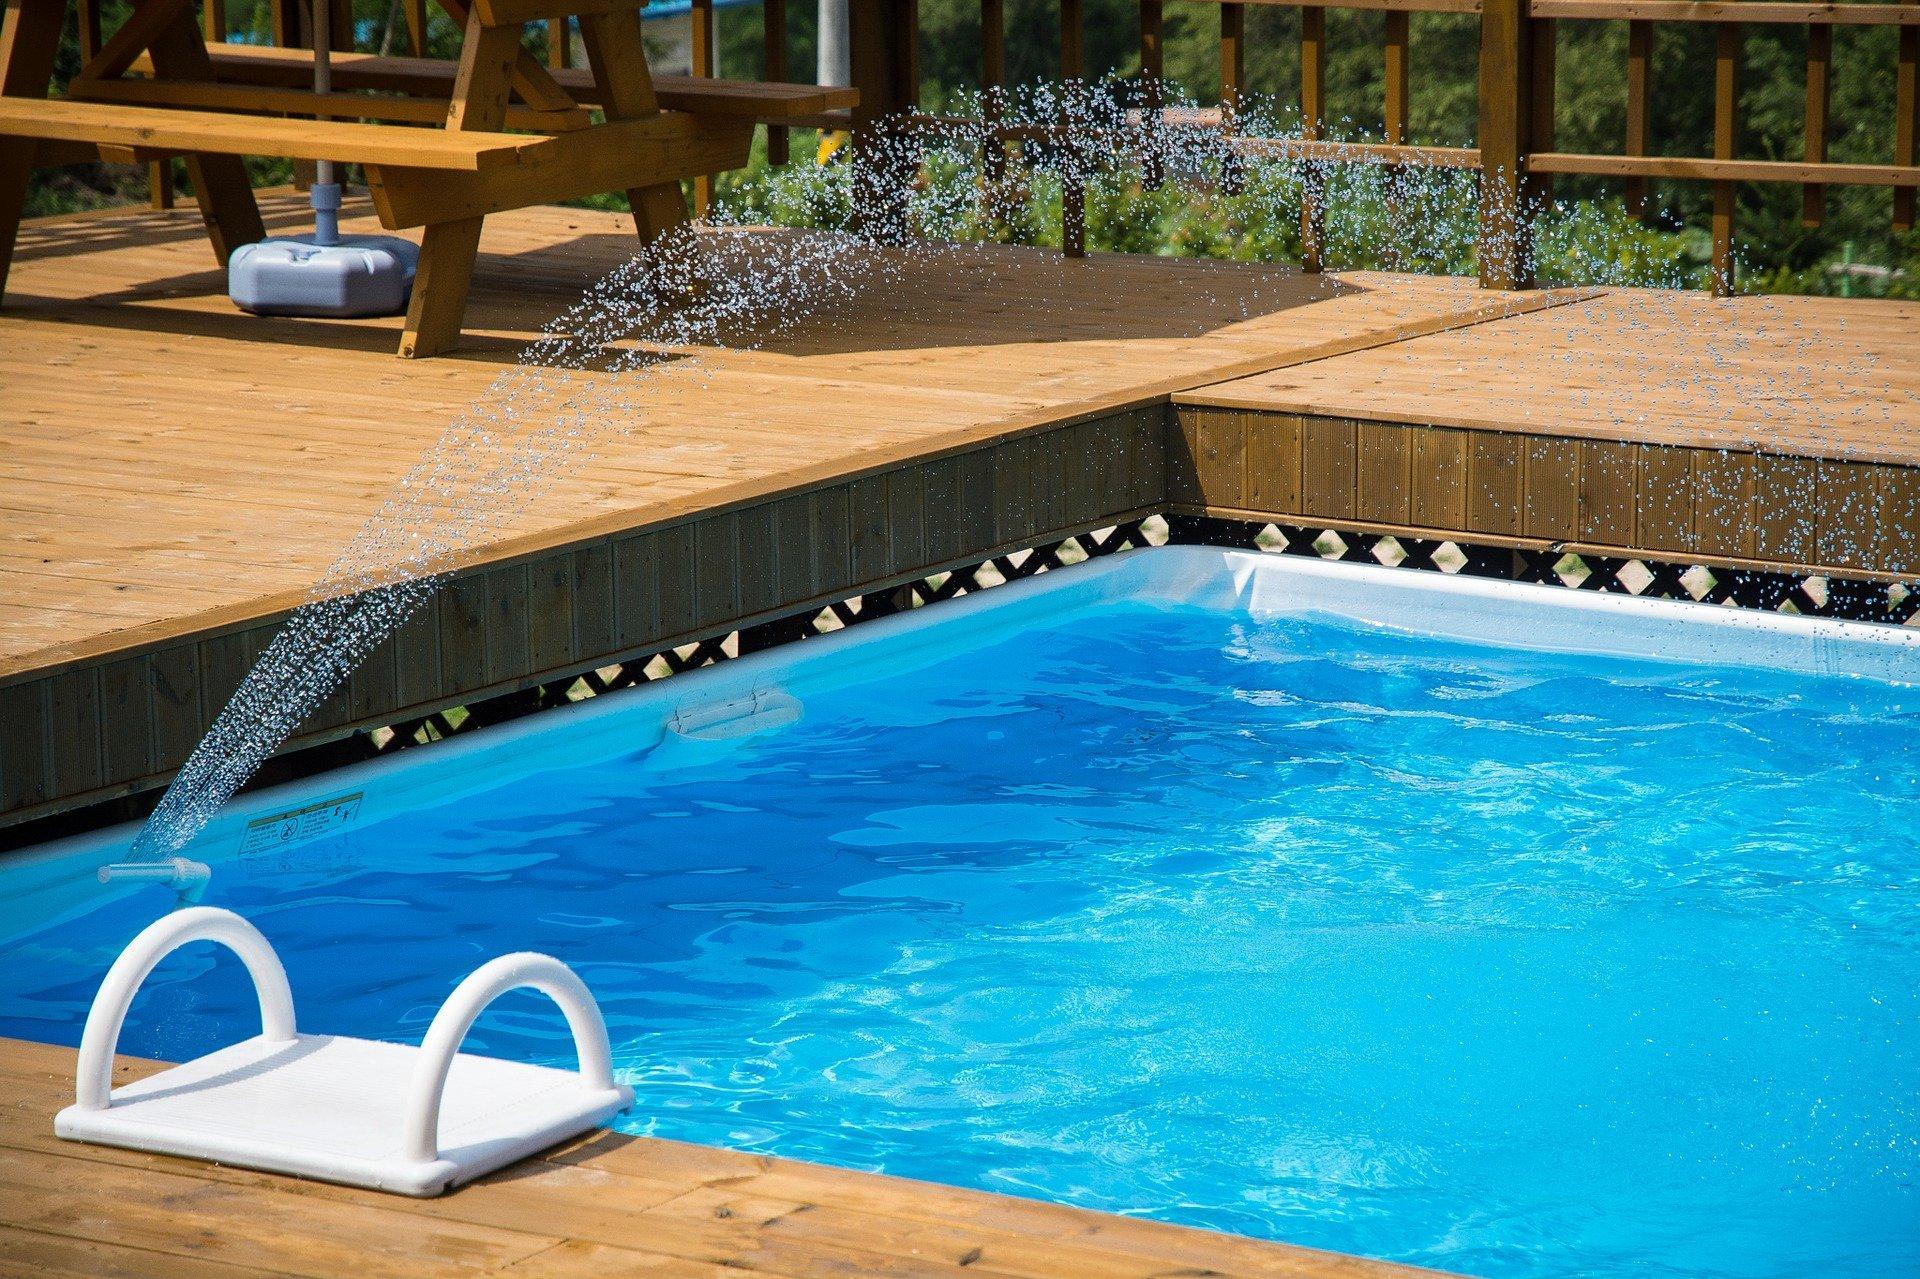 meilleure piscine en kit